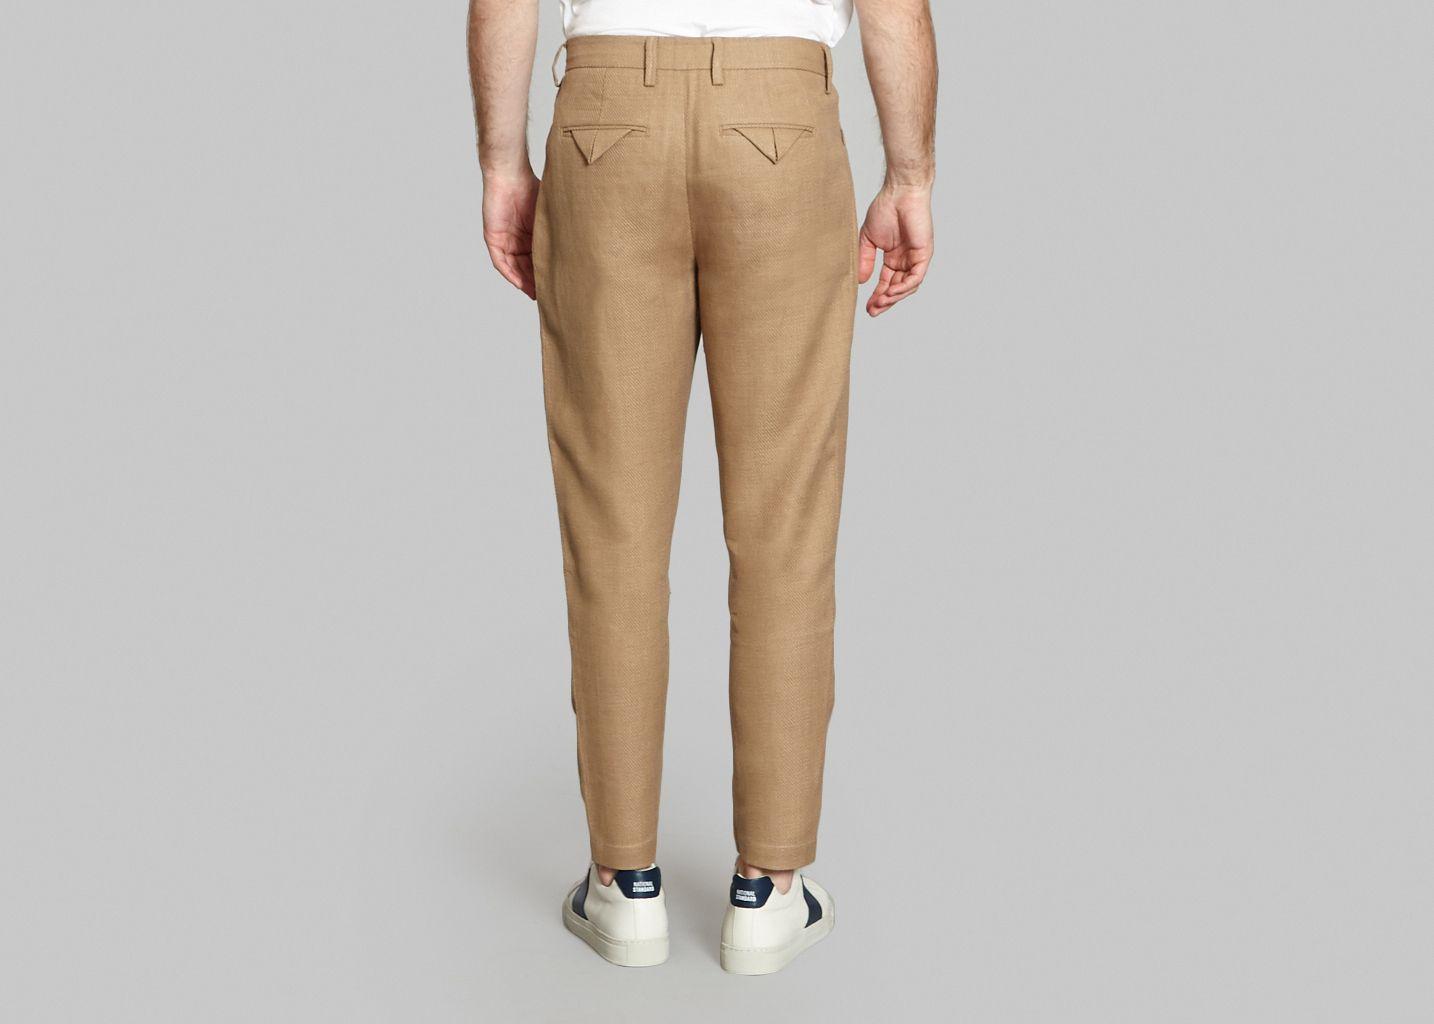 Pantalon Gentlemen - Three Animals